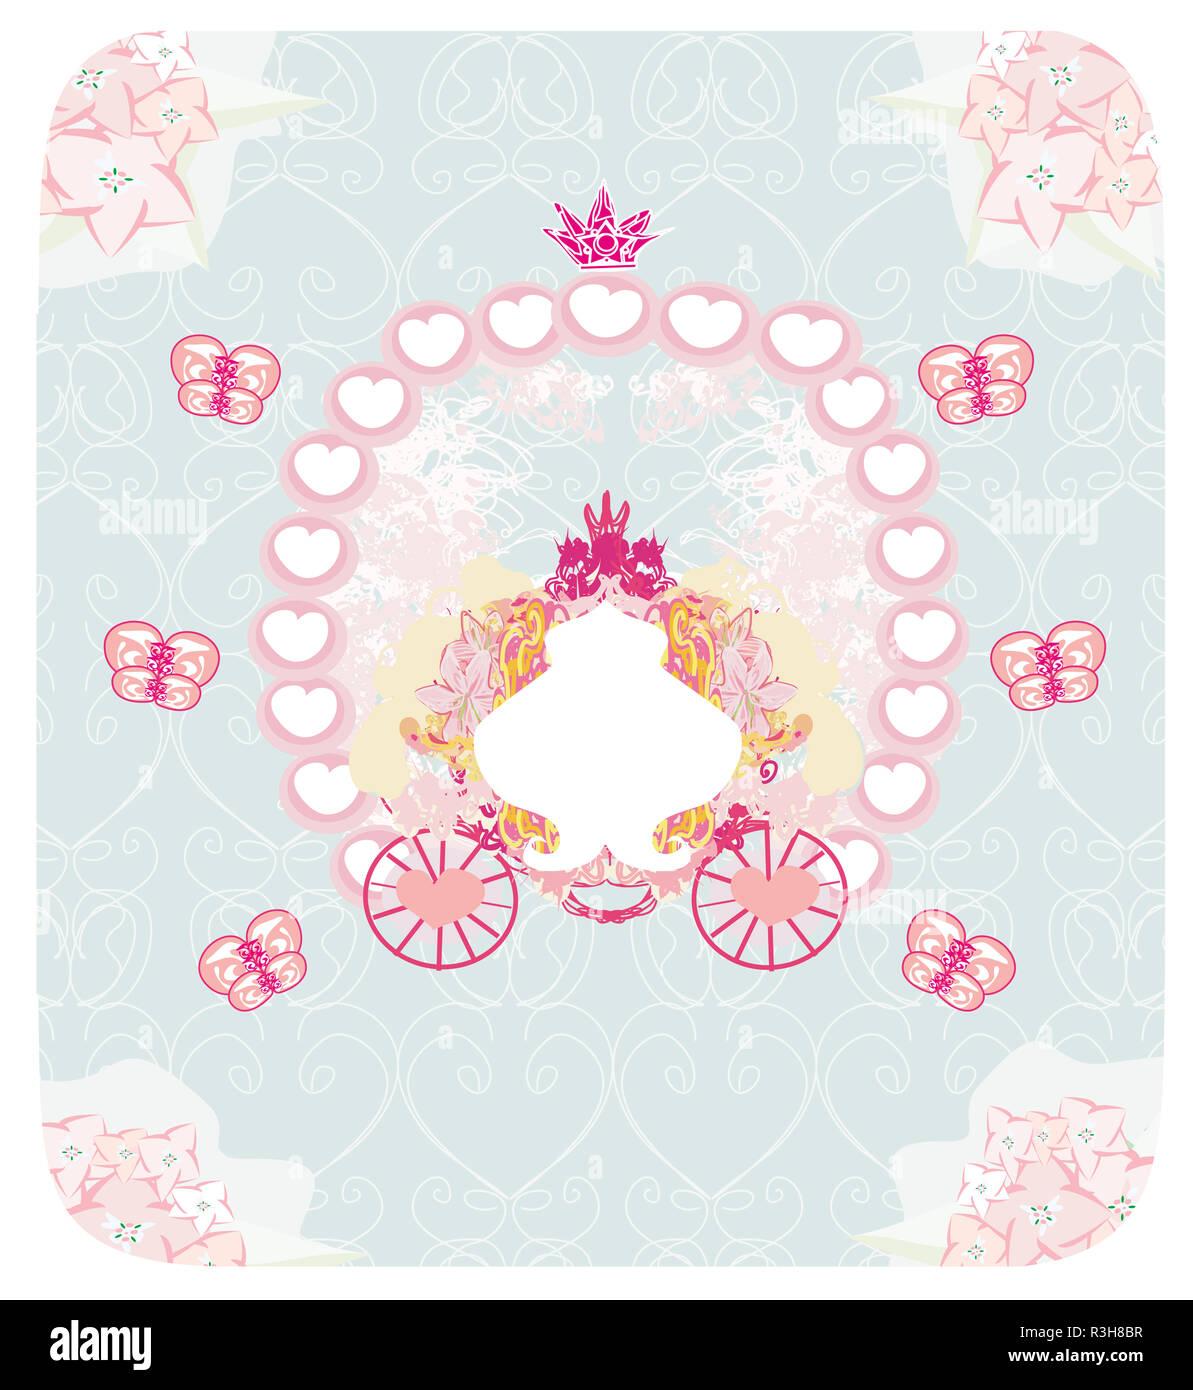 Wagen Vintage Floral Hochzeitseinladung Stockfoto Bild 225958539